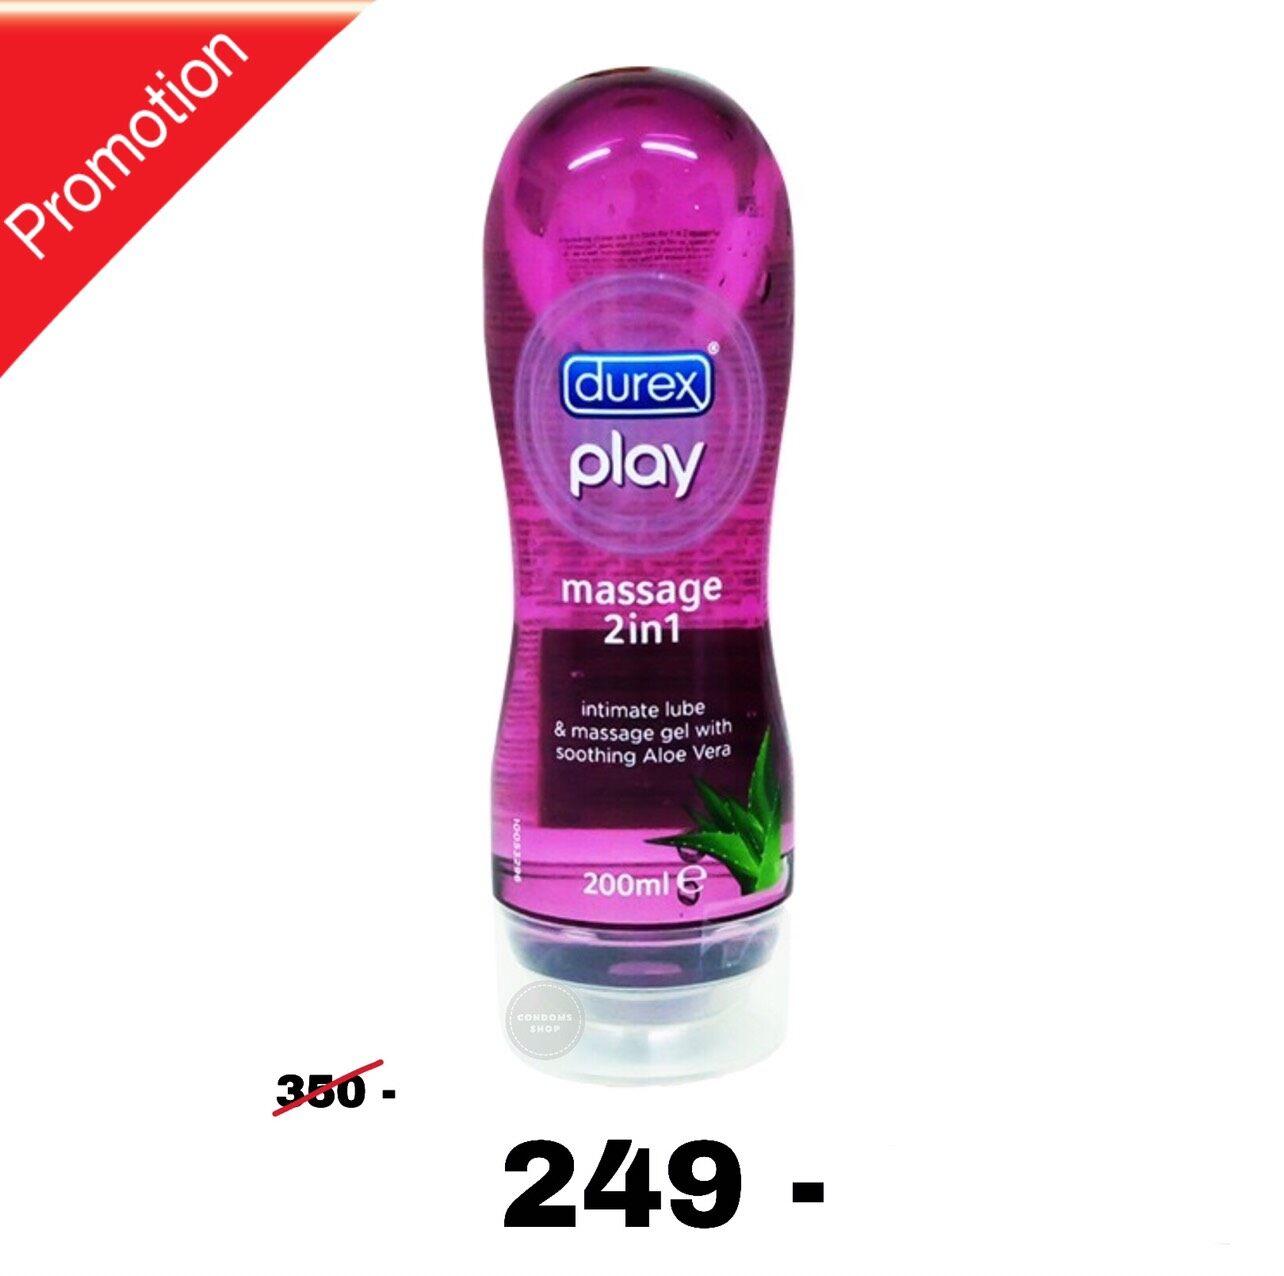 ราคา เจลหล่อลื่นดูเร็กซ์ เพลย์™ มาสสาจ ทูอินวัน 200มล. Durex play massage 2in1